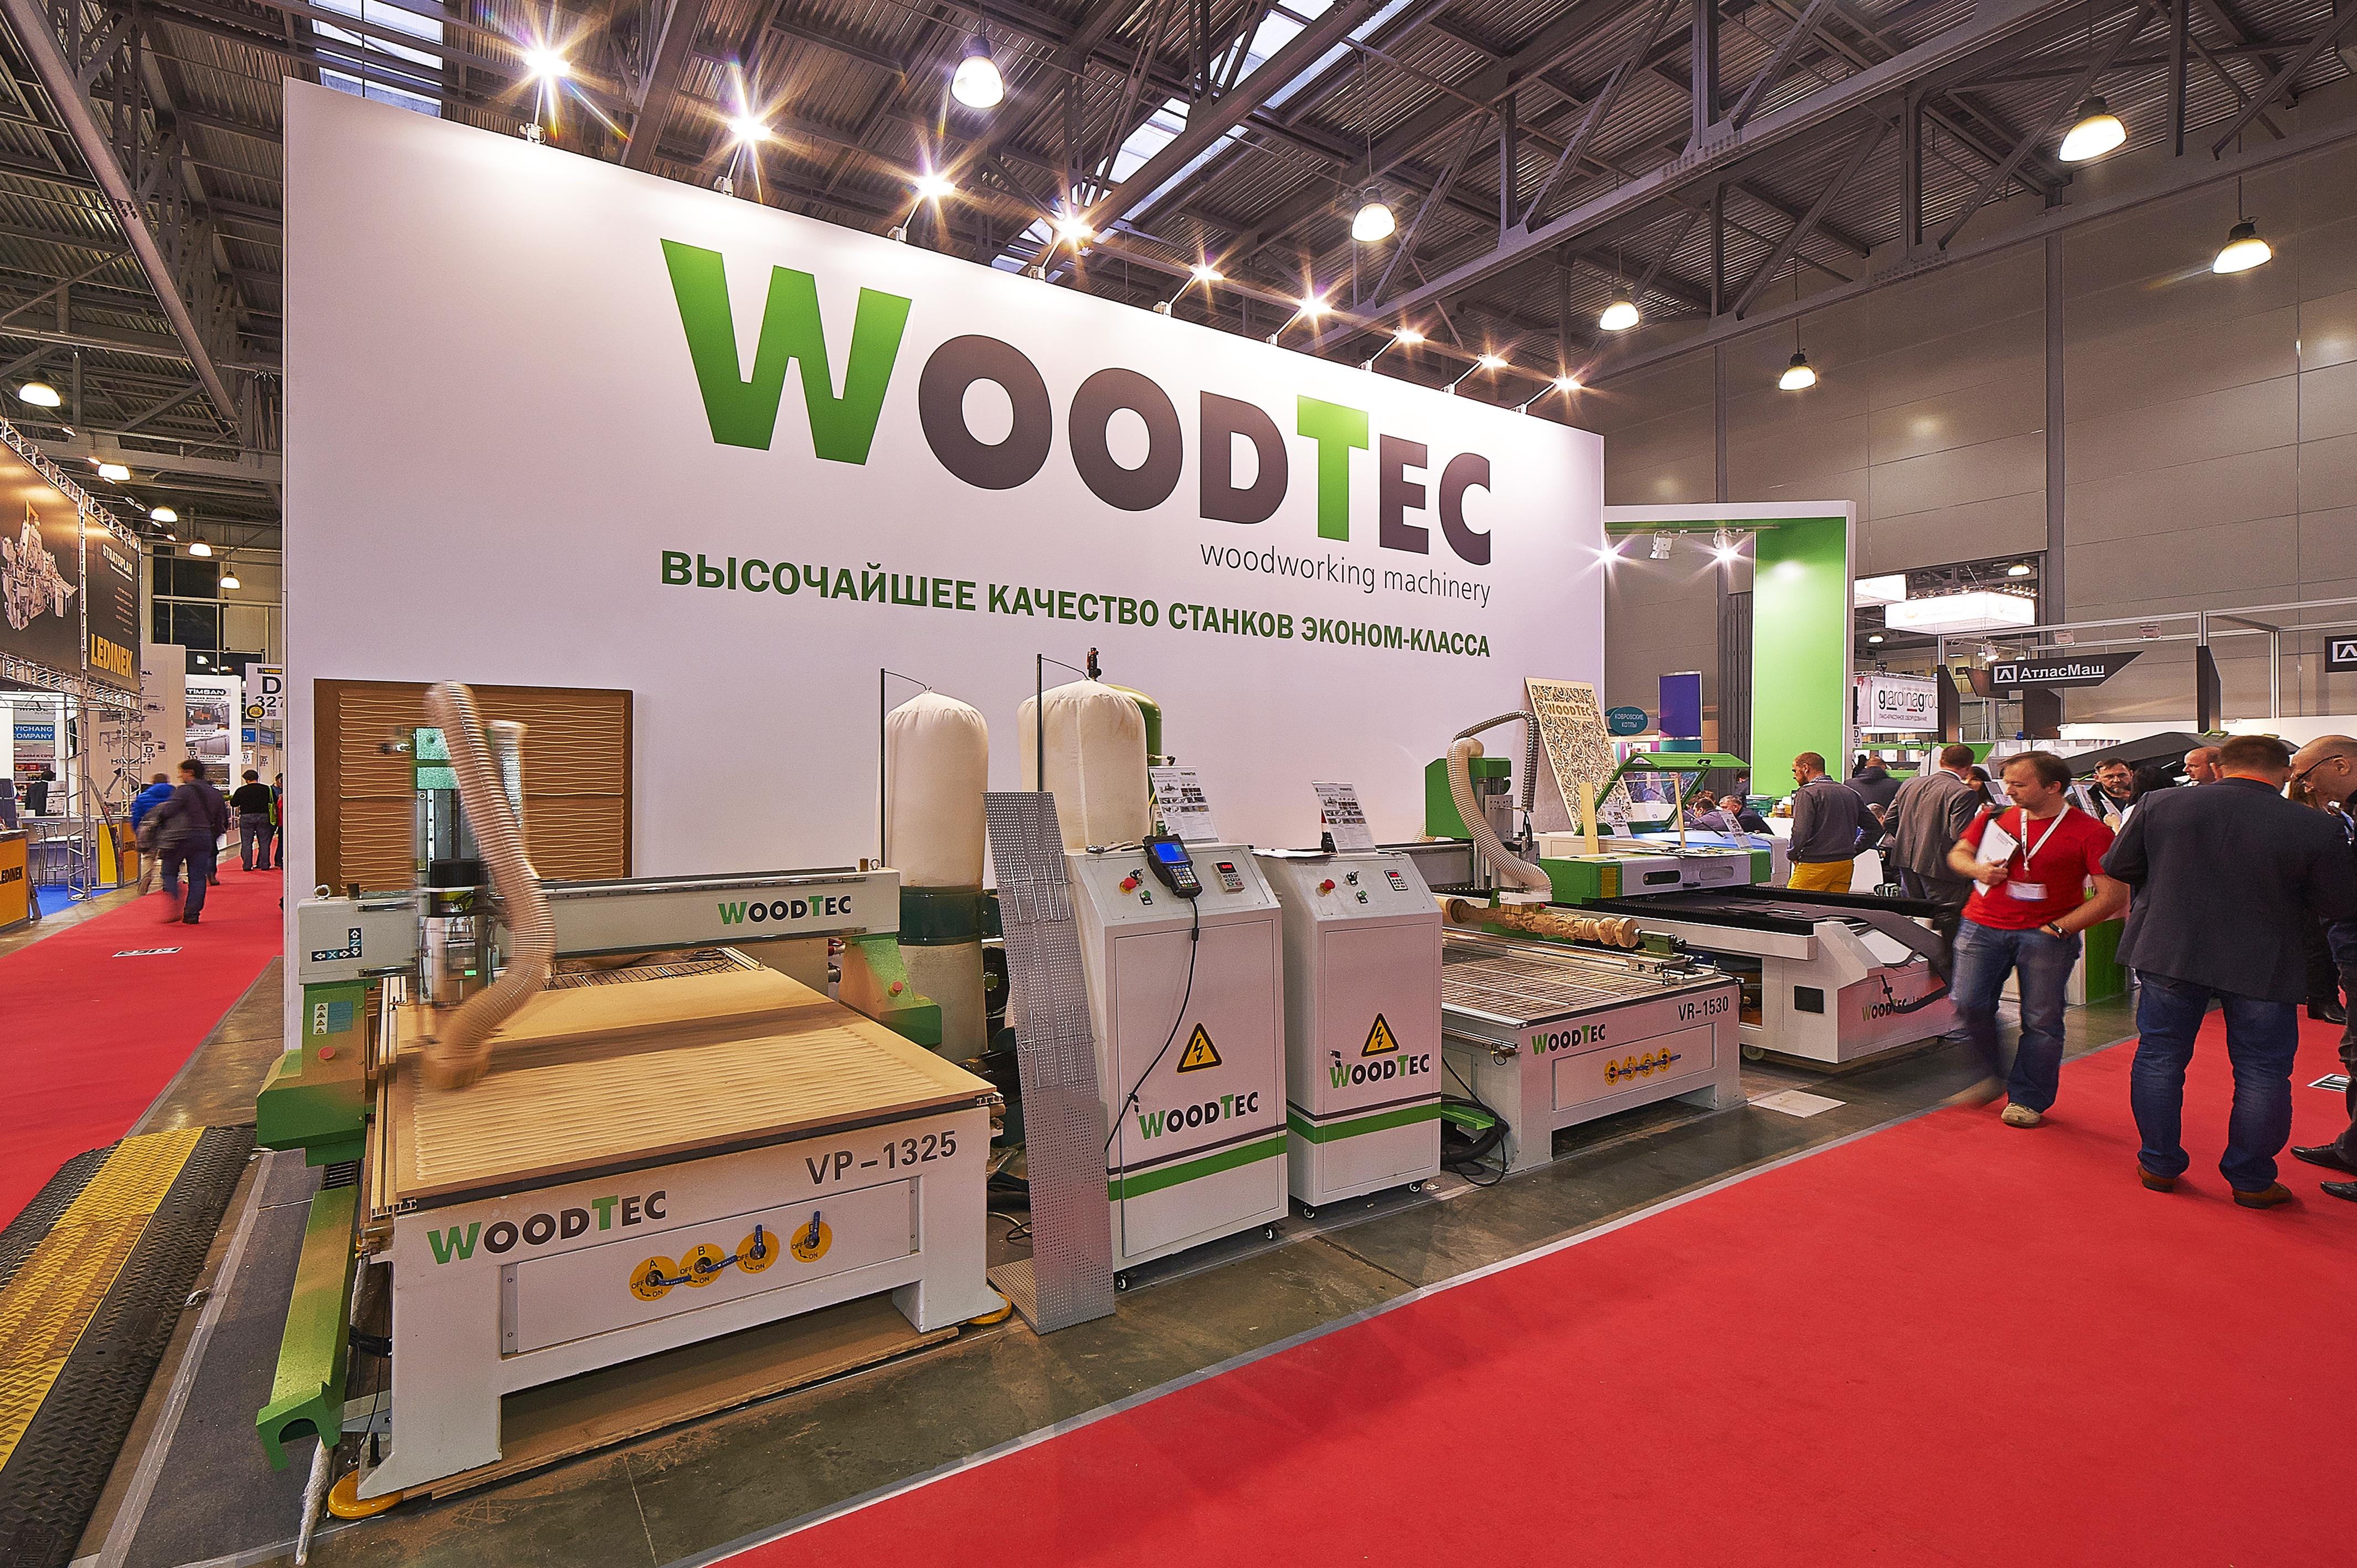 Woodtec_300dpi_3